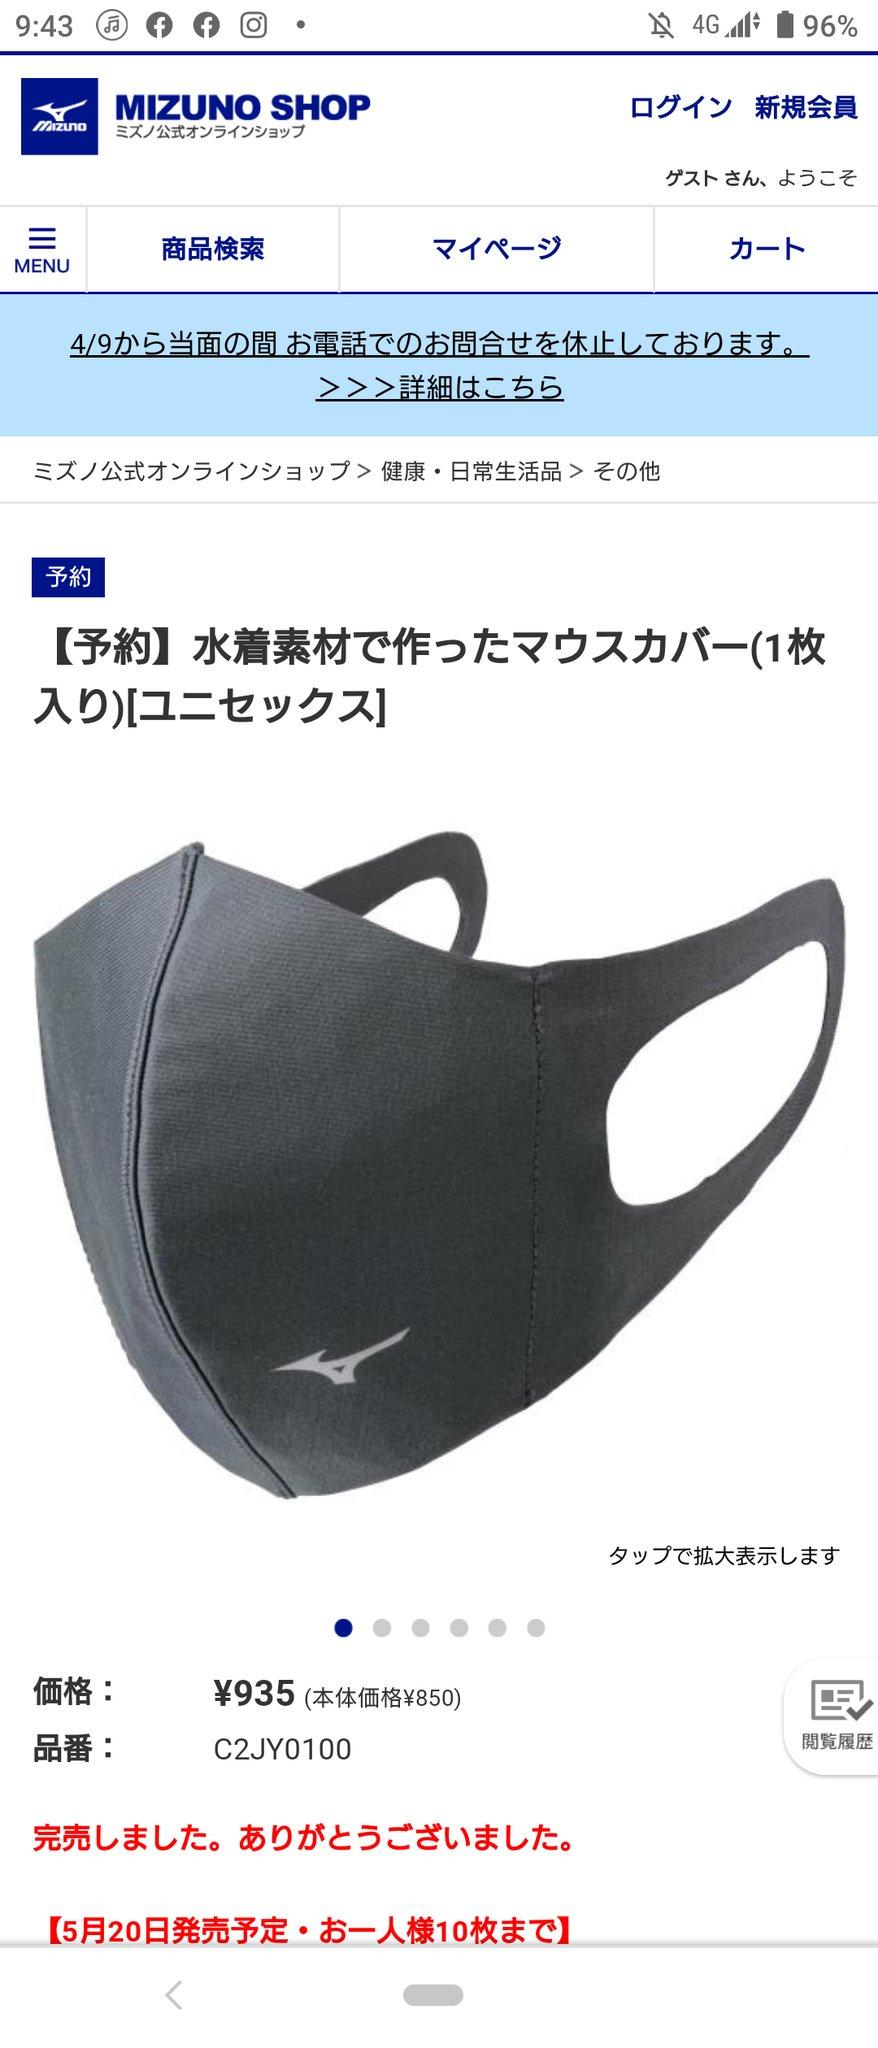 予約 ミズノ マスク